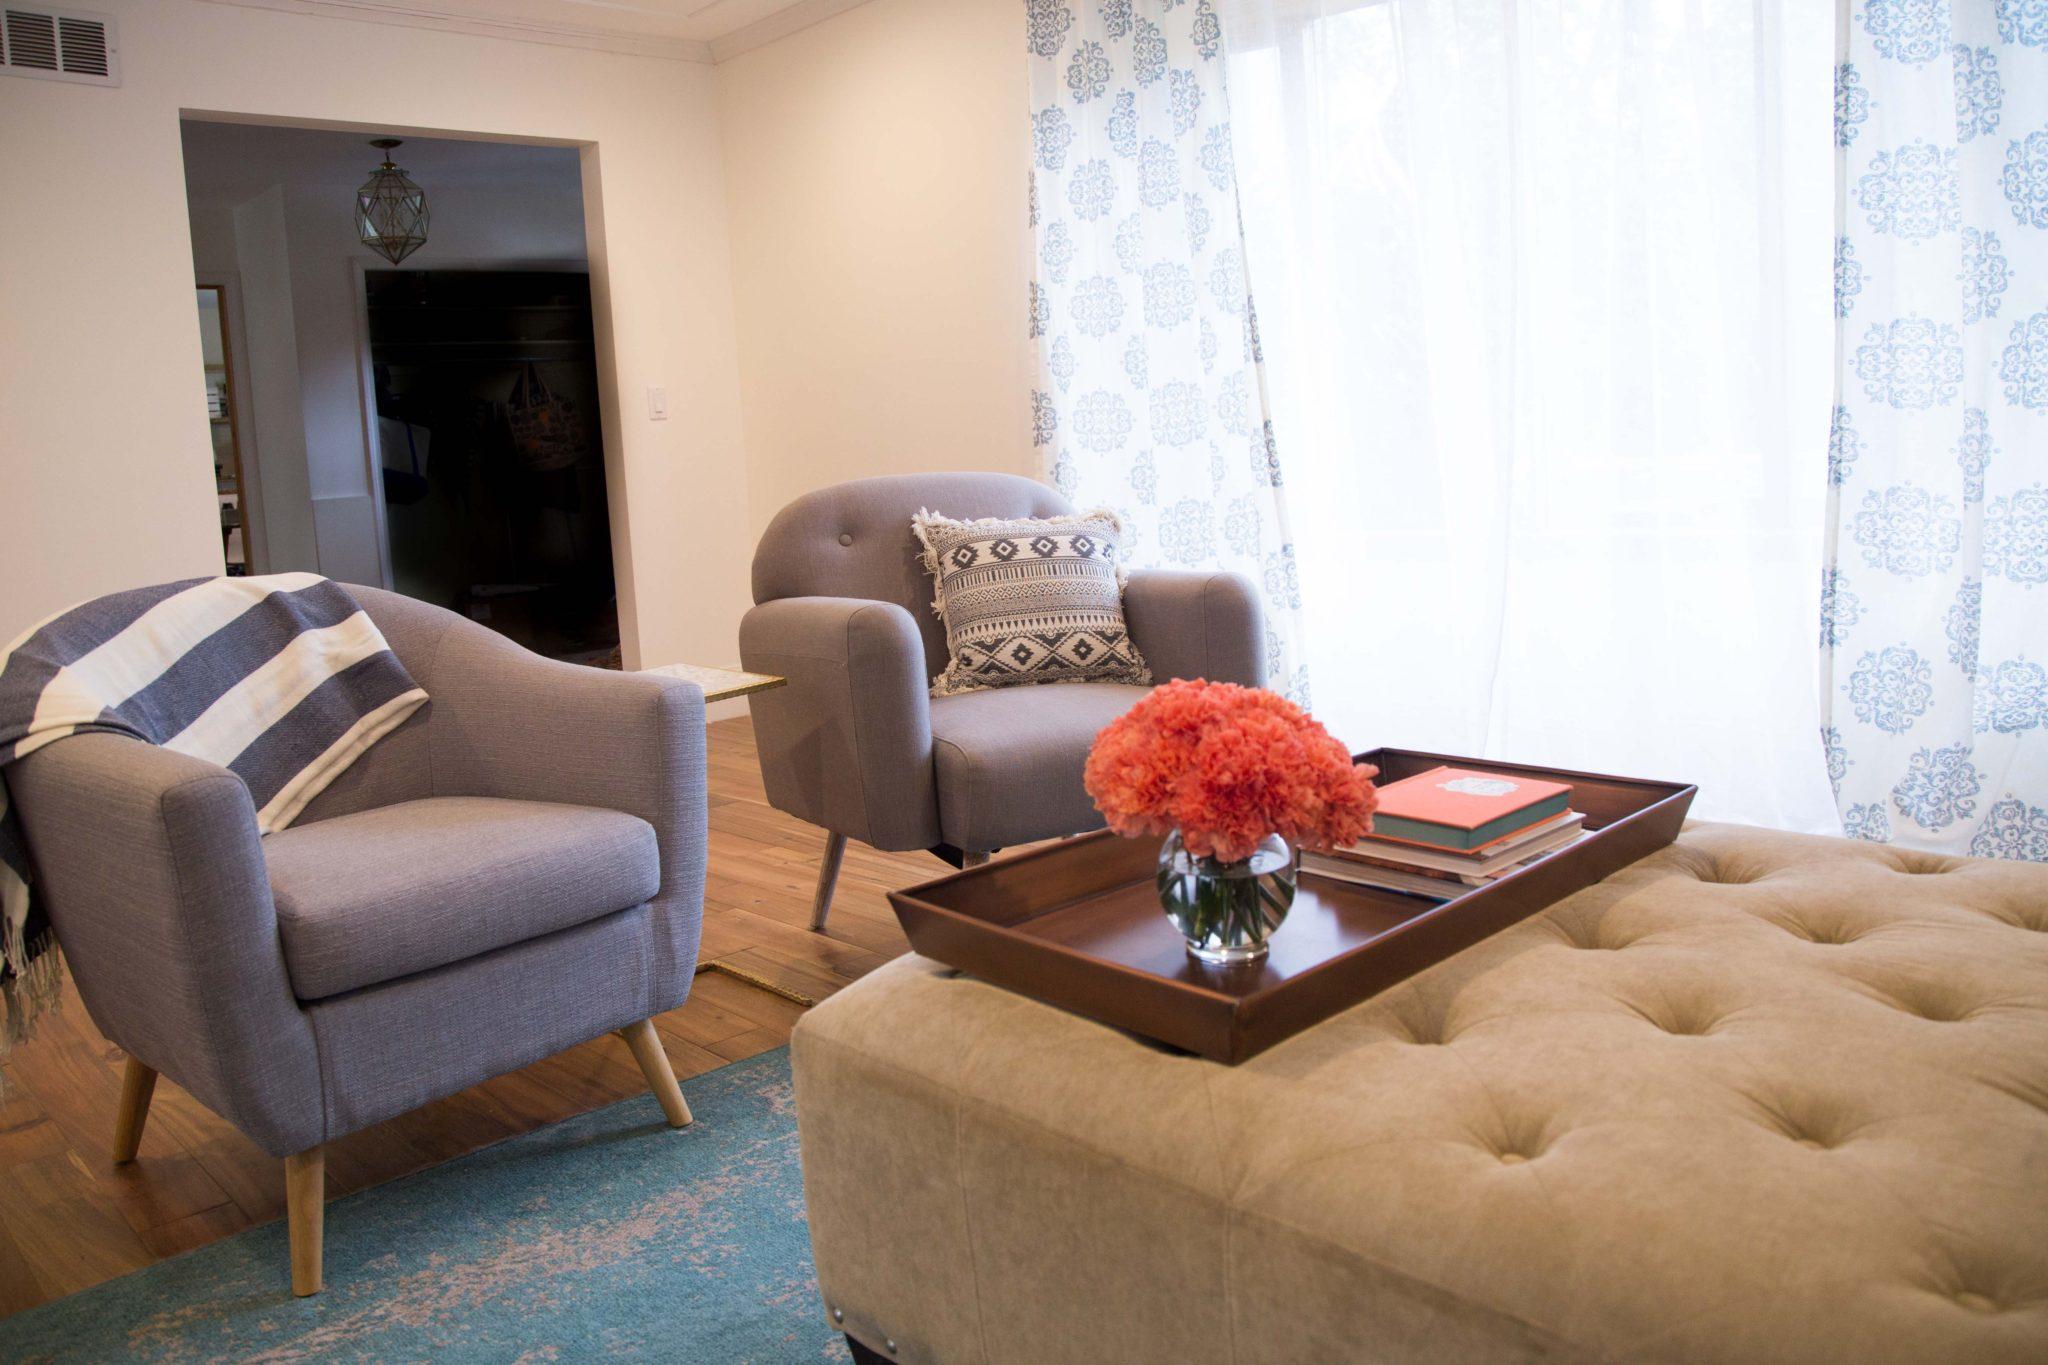 our living room refresh on allweareblog.com | fixer upper | midcentury remodel | blue vintage rug